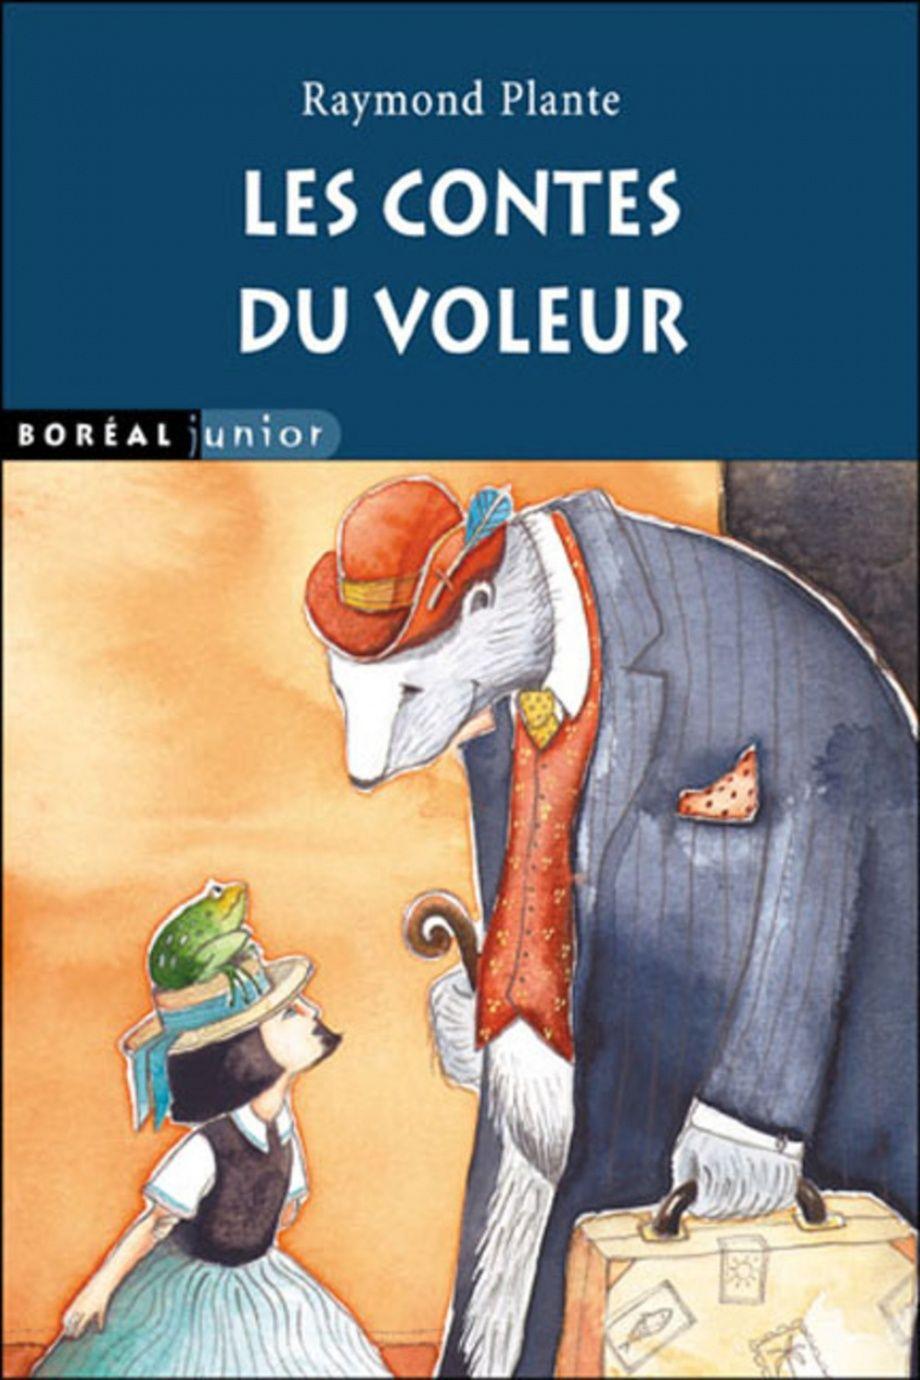 Contes du voleur les conte litterature livre